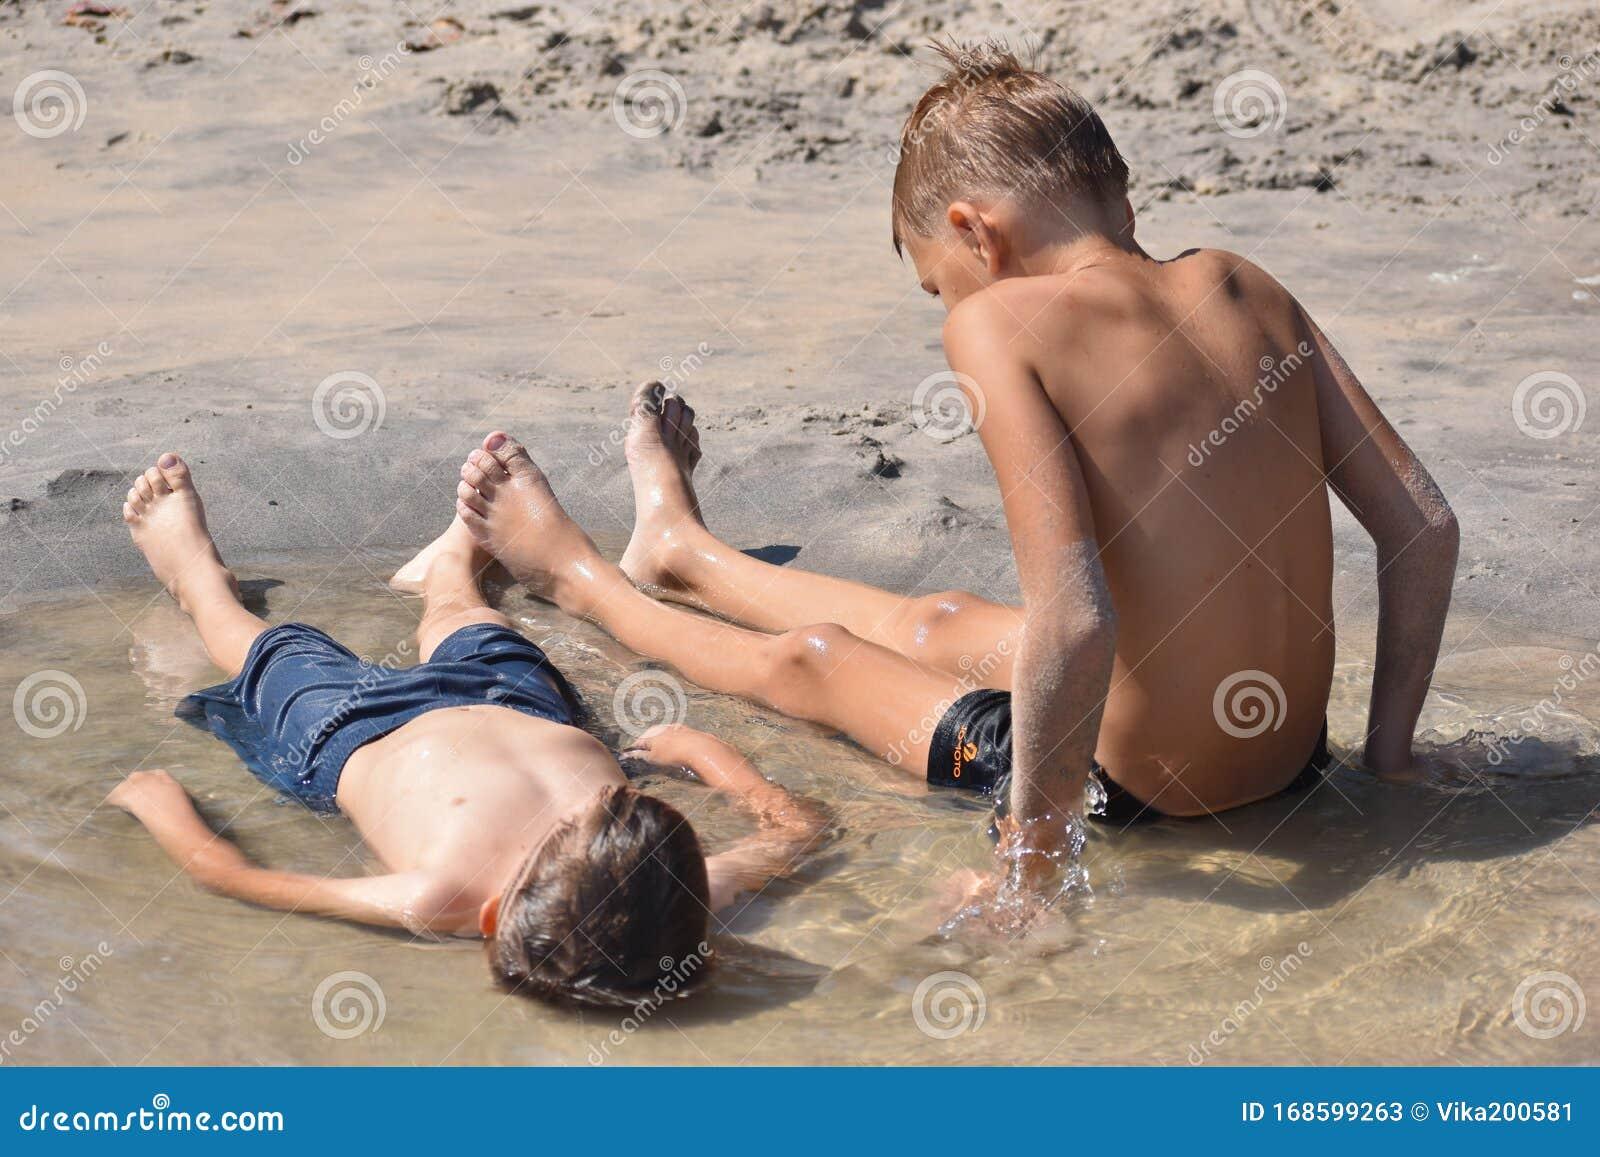 naked kids boys